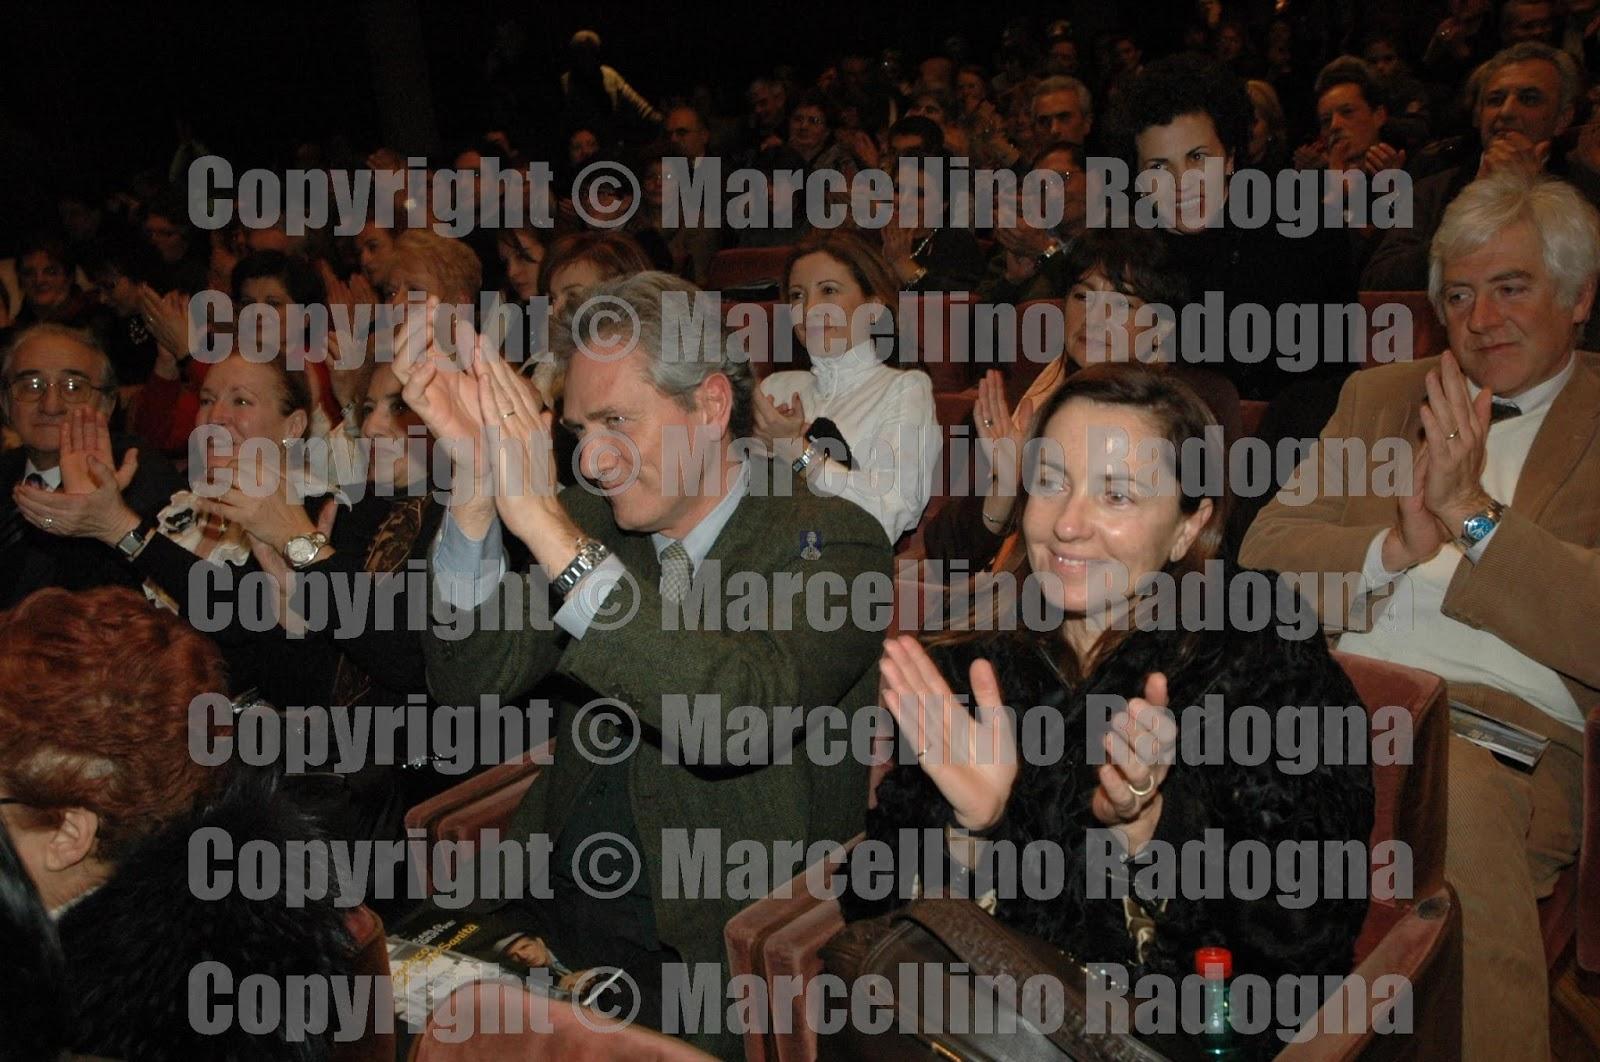 Marcellino Radogna Fotonotizie Per La Stampa Giorgio Rutelli Con La Moglie Barbara Palombelli